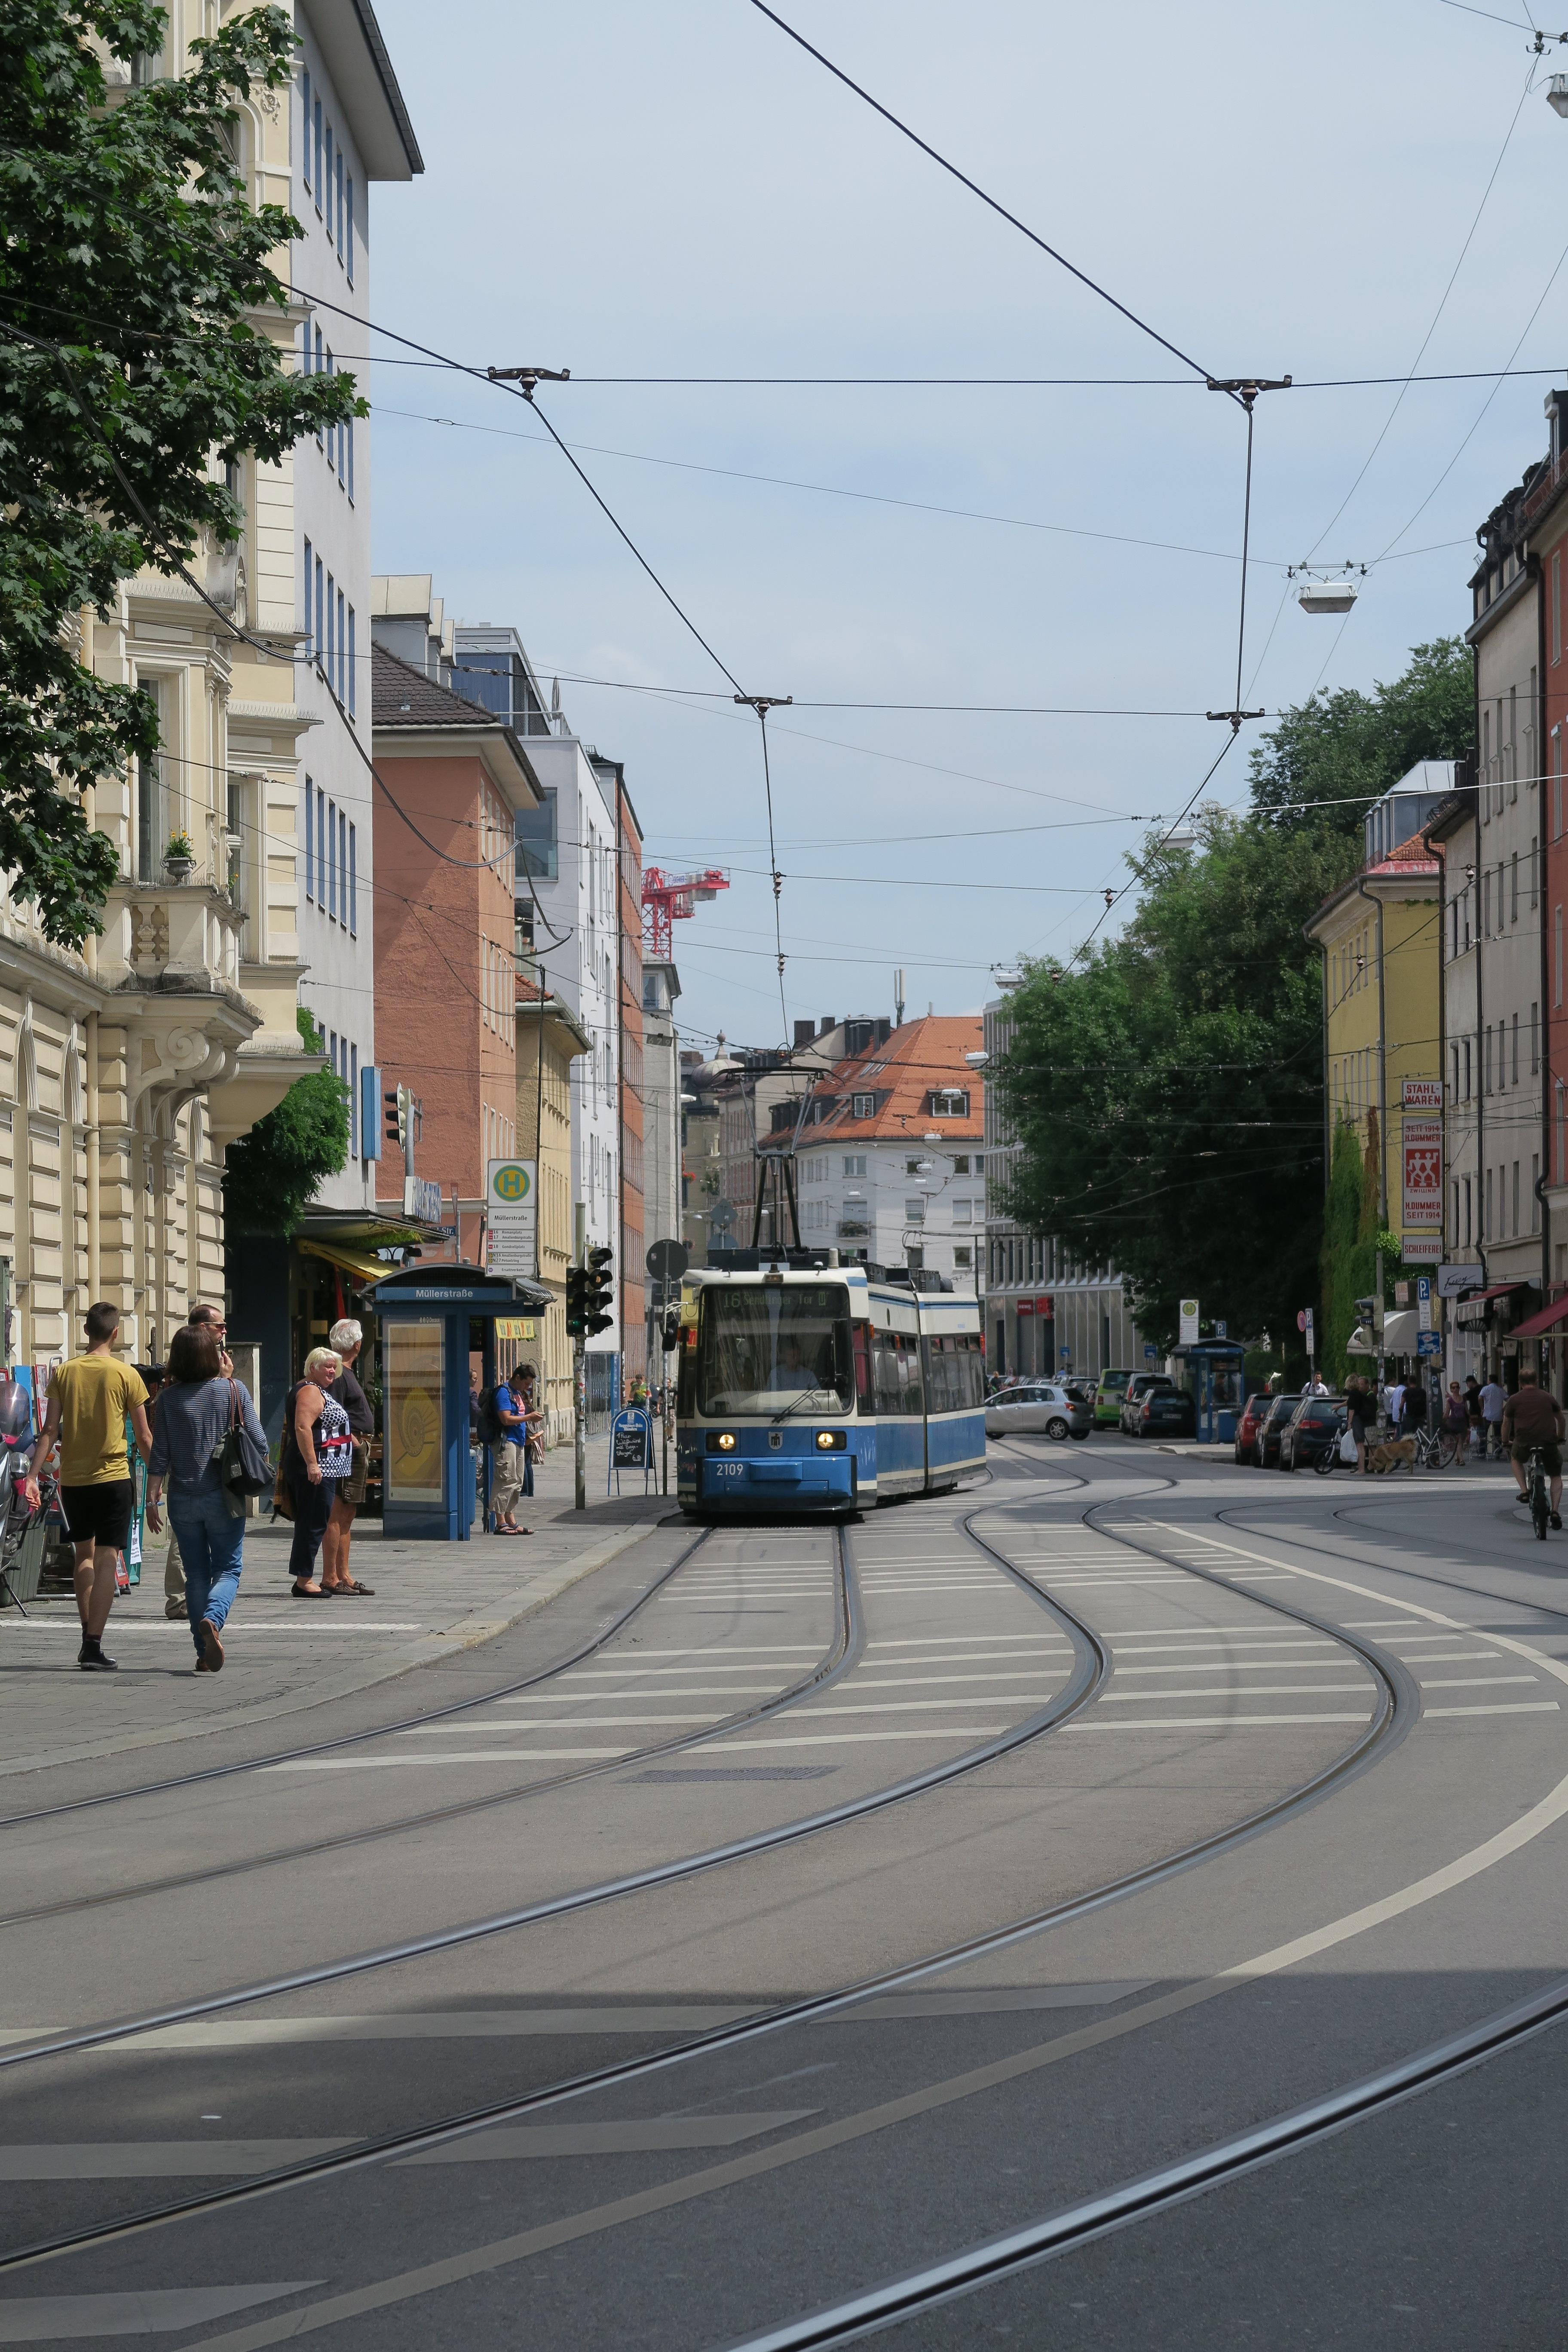 File:Straßenszene in der Müllerstraße in München.JPG - Wikimedia Commons